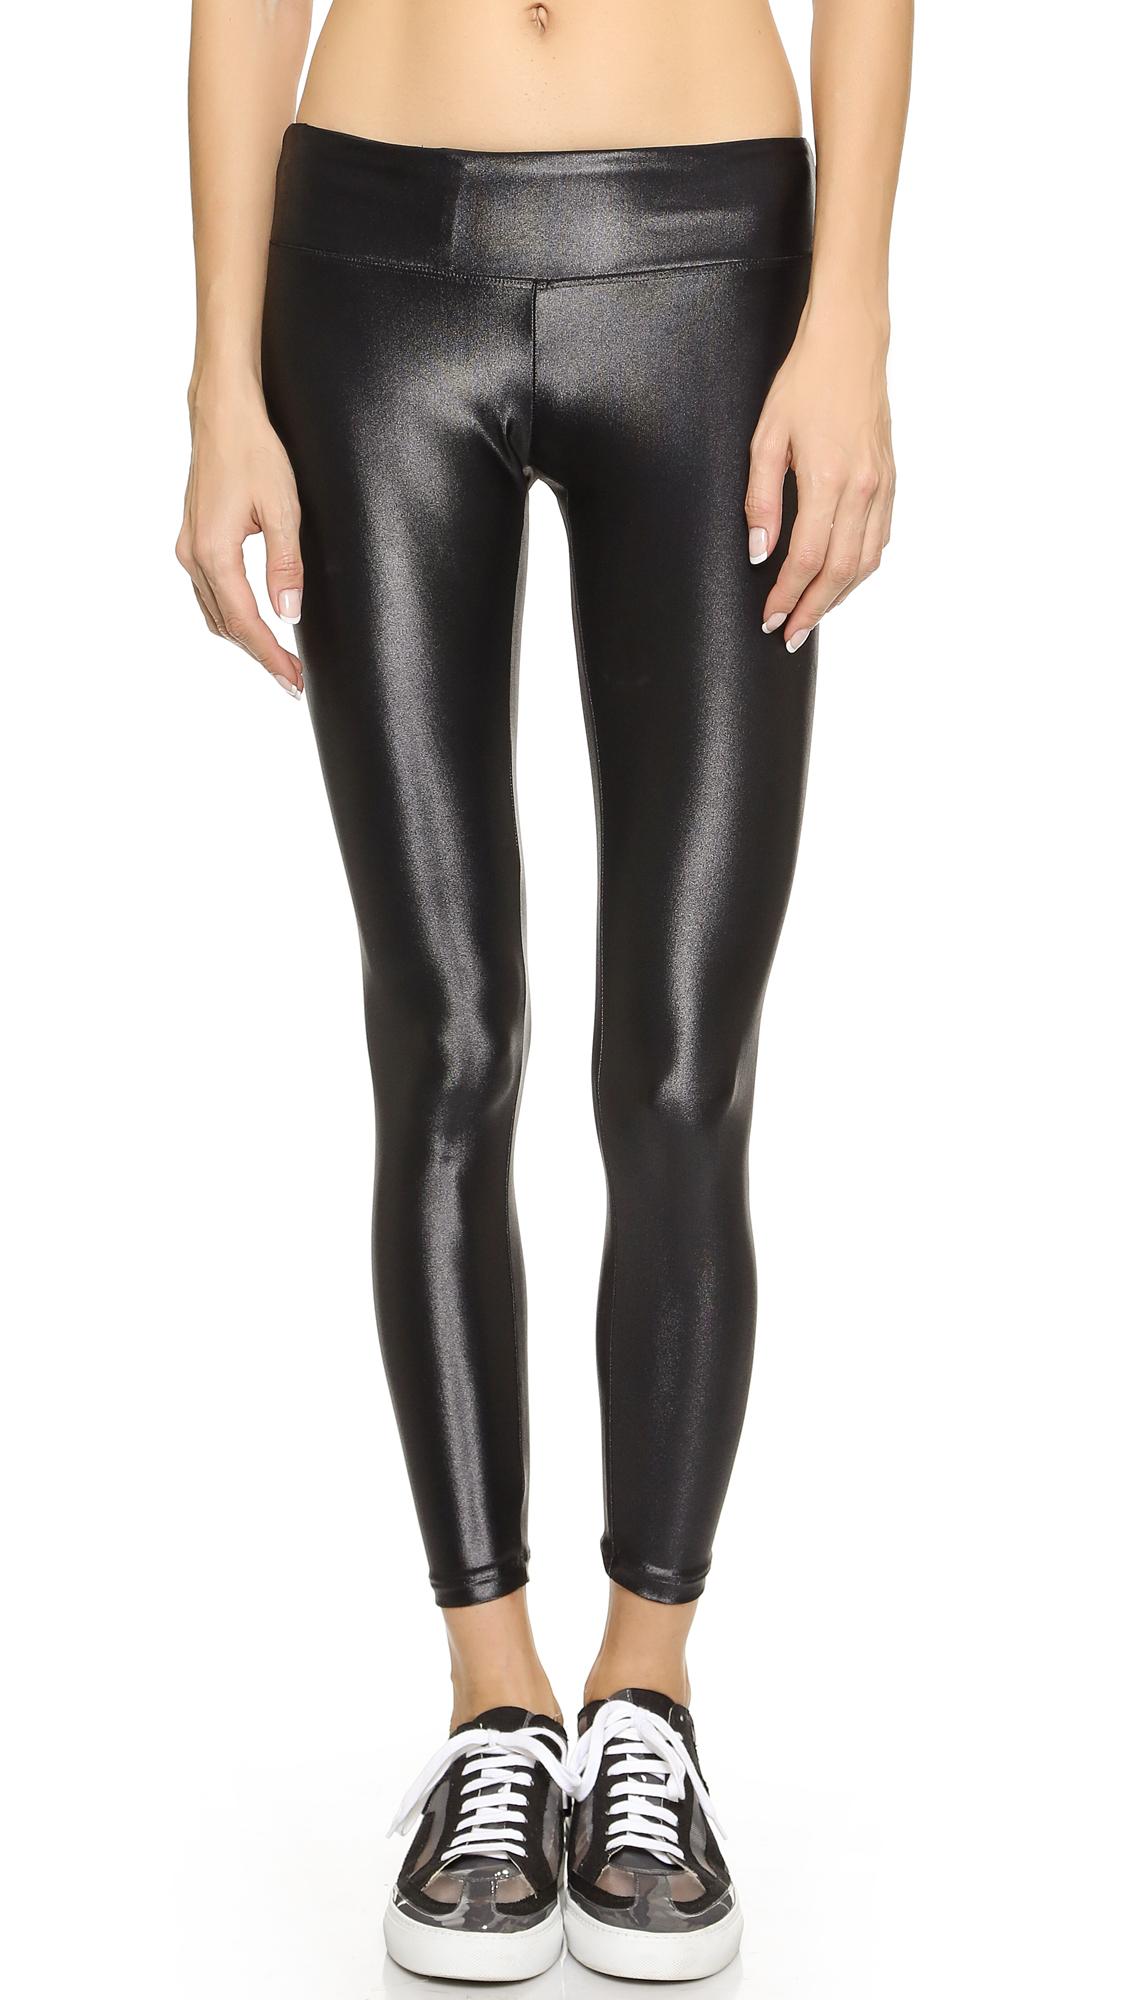 KORAL ACTIVEWEAR Shiny Metallic Active Legging - Black